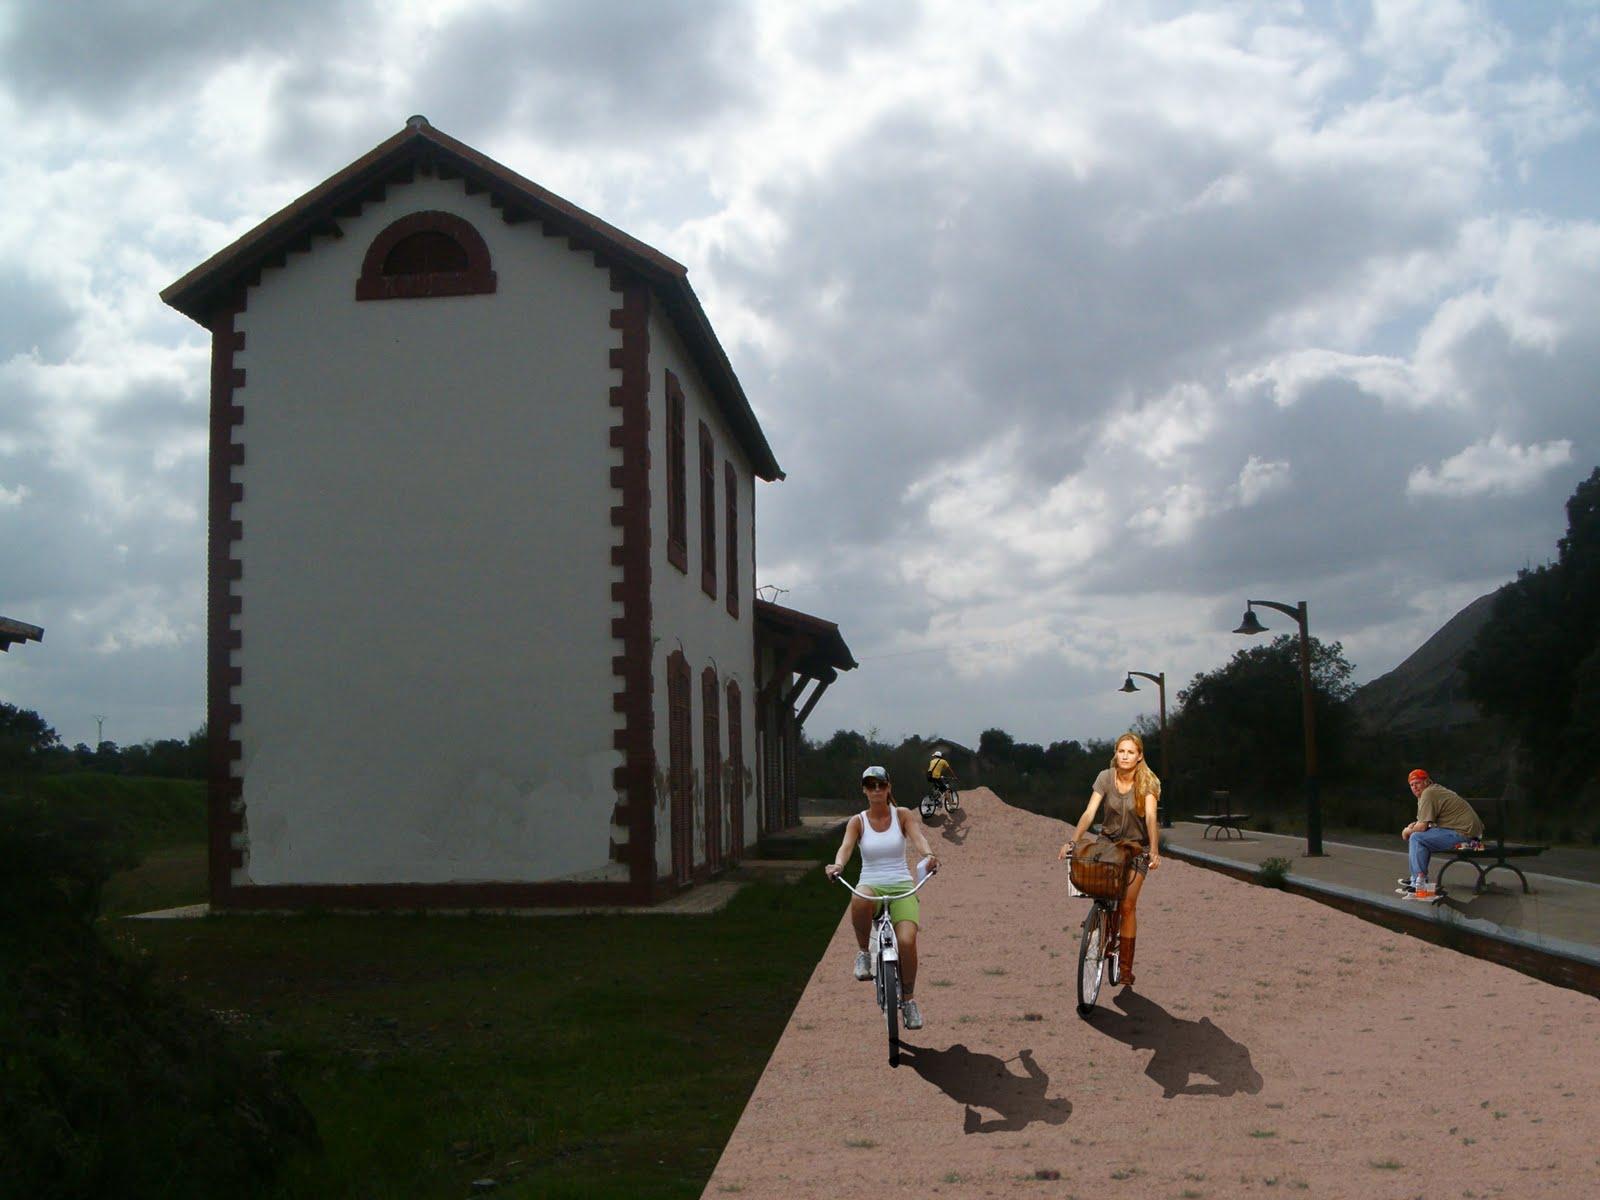 La maquinilla villanueva del duque pueblo pionero de for Villanueva del duque